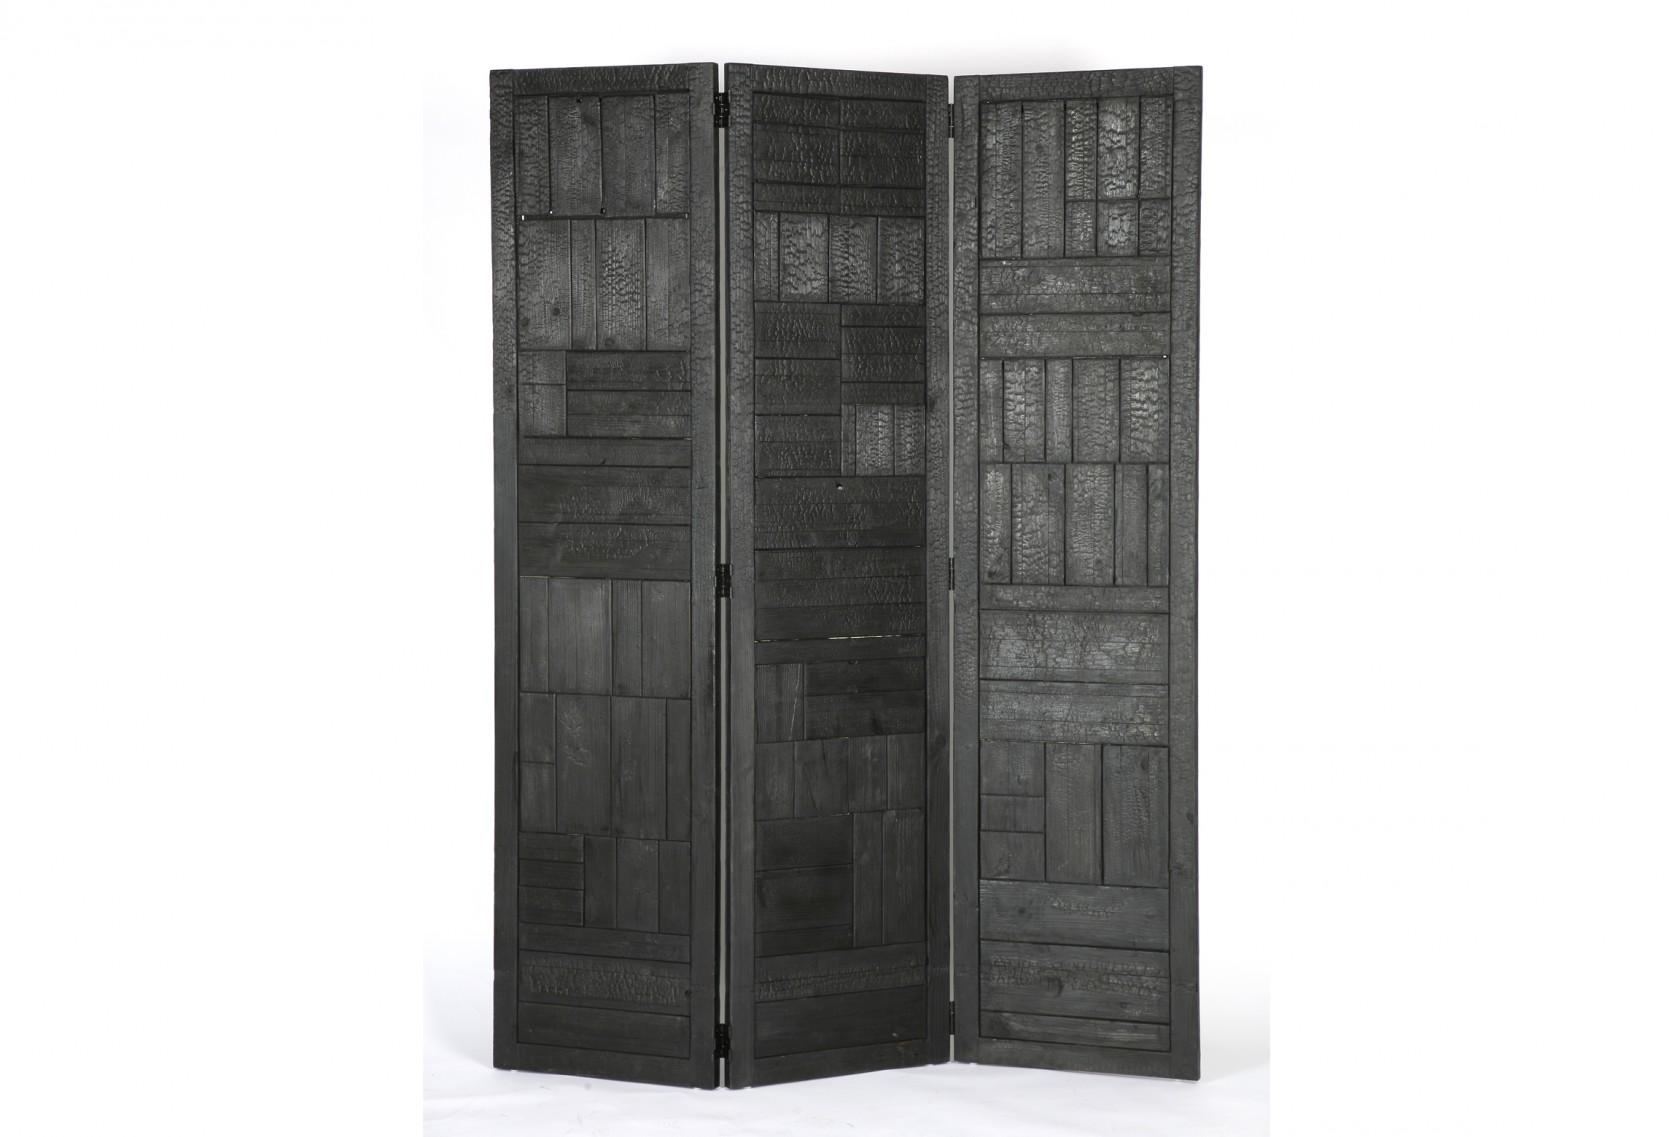 fusion ludovic avenel b niste cr ateur. Black Bedroom Furniture Sets. Home Design Ideas